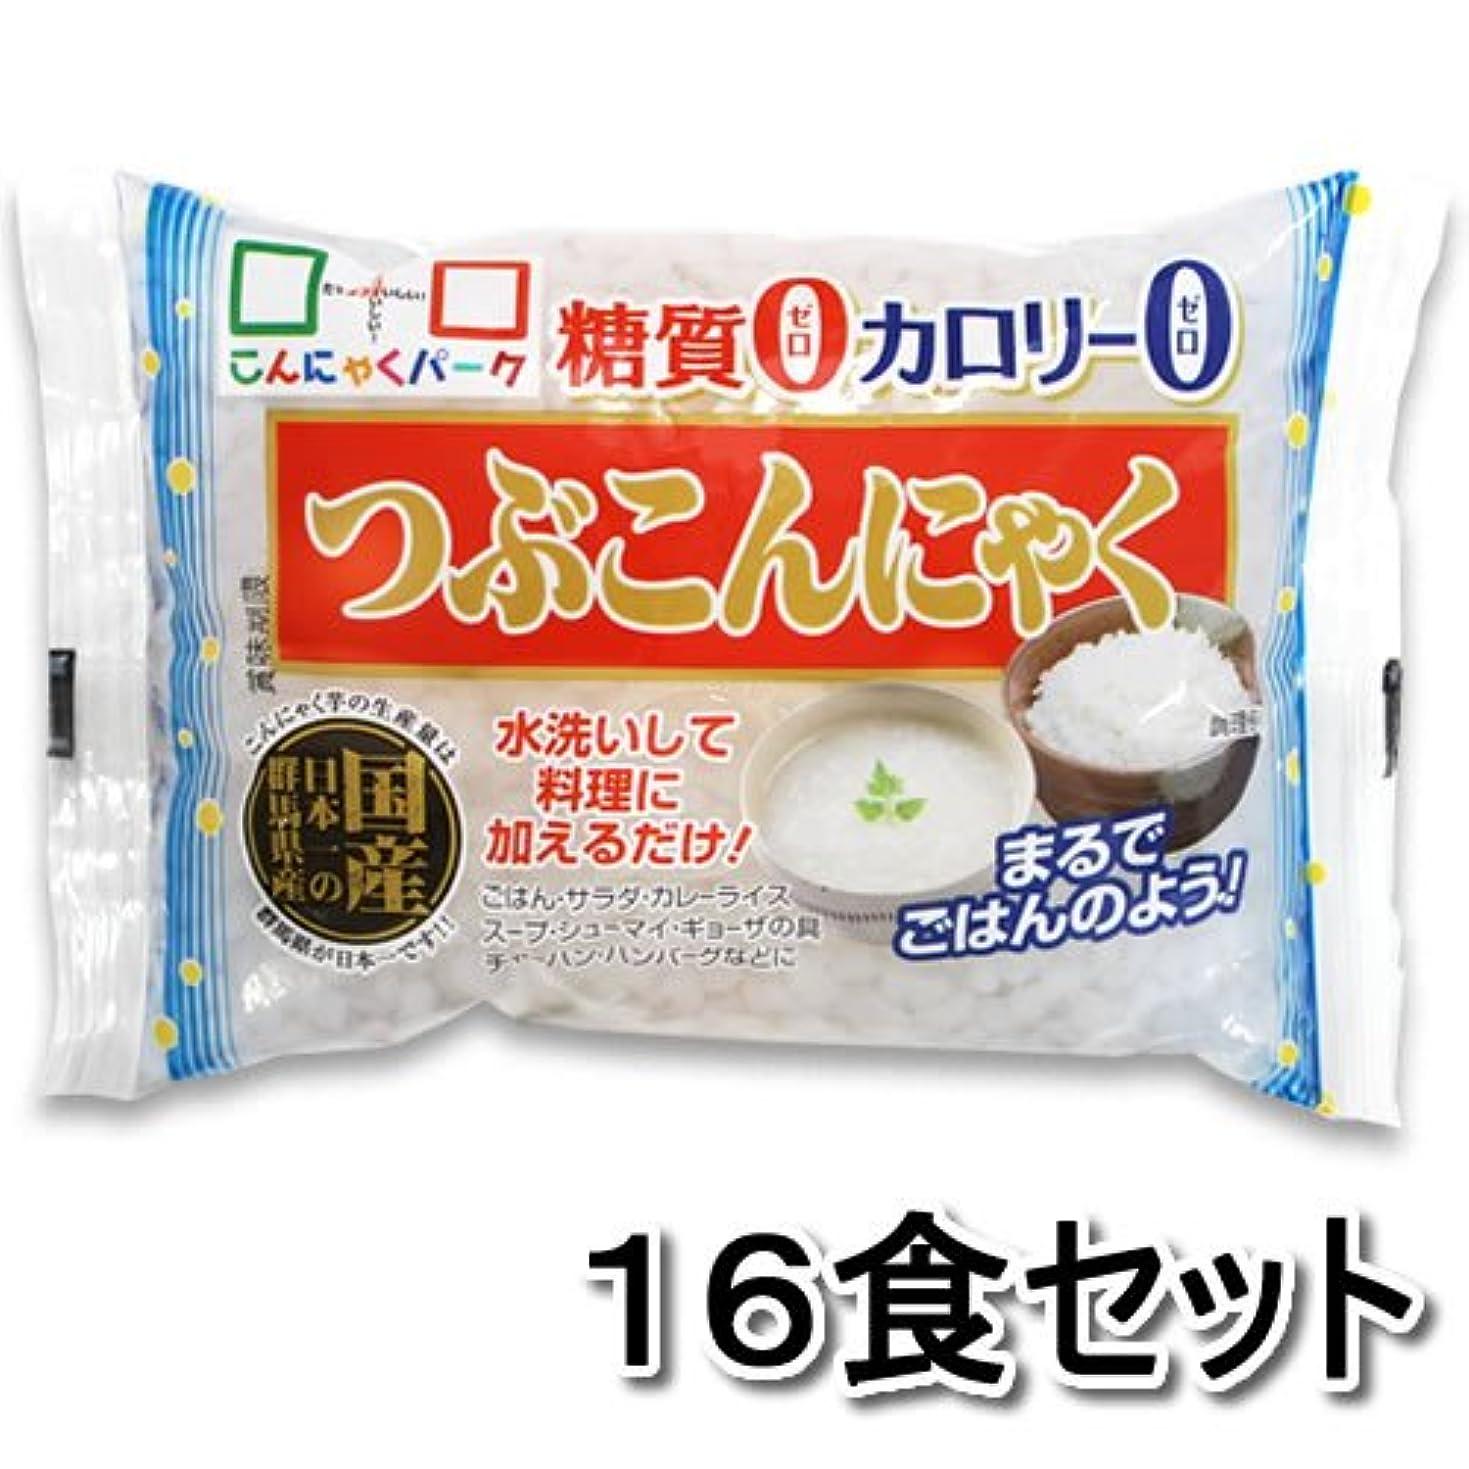 デコレーションアソシエイト順応性こんにゃく米(商品名?つぶこん)150g×16食セット